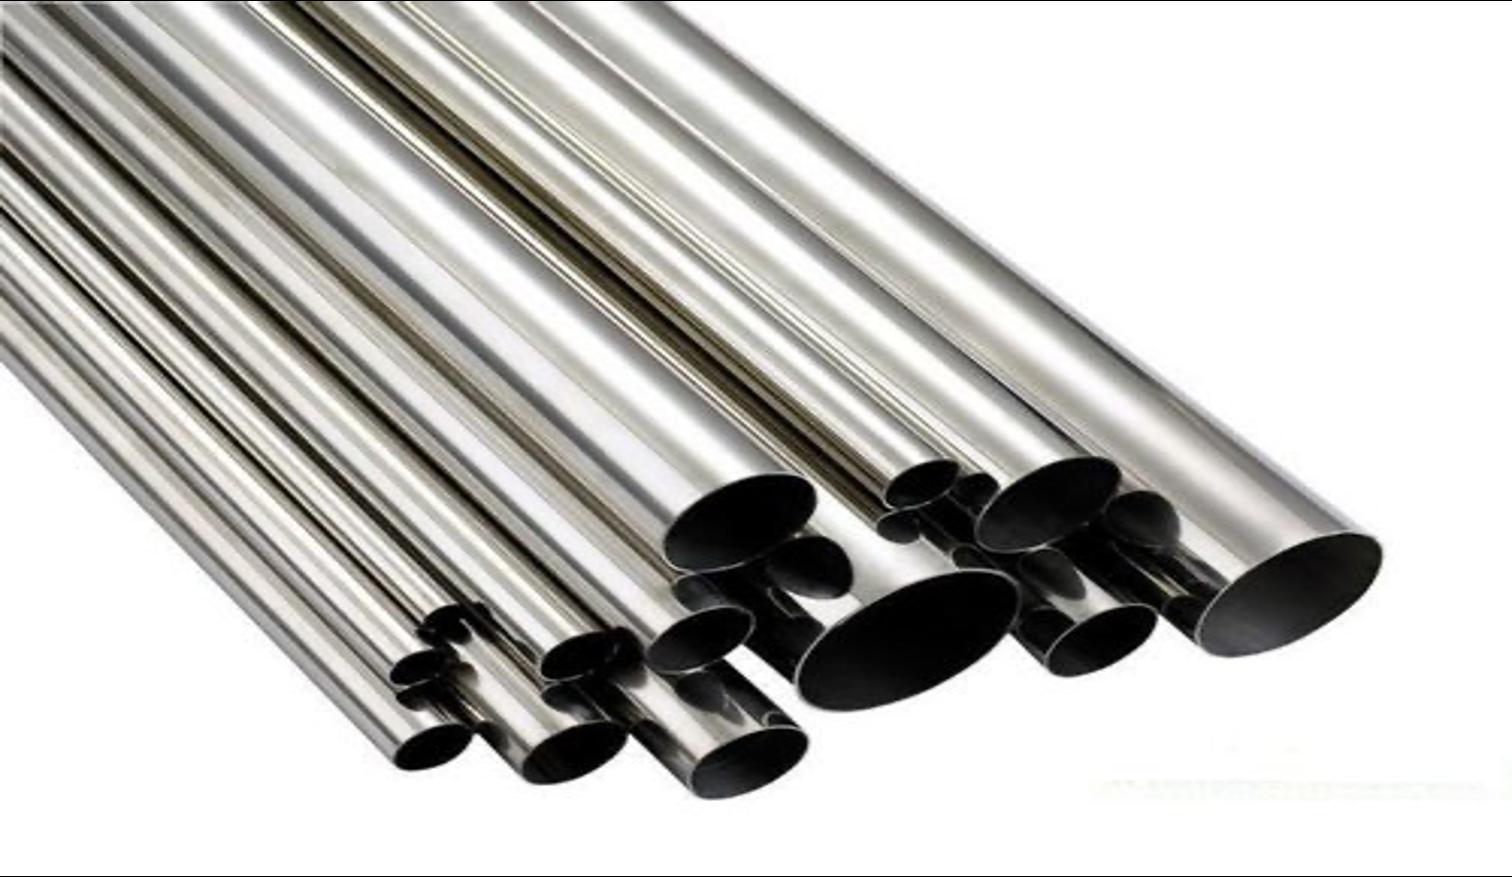 Chế tạo vật liệu tiên tiến ứng dụng trong xử lý đánh bóng bề mặt kim loại